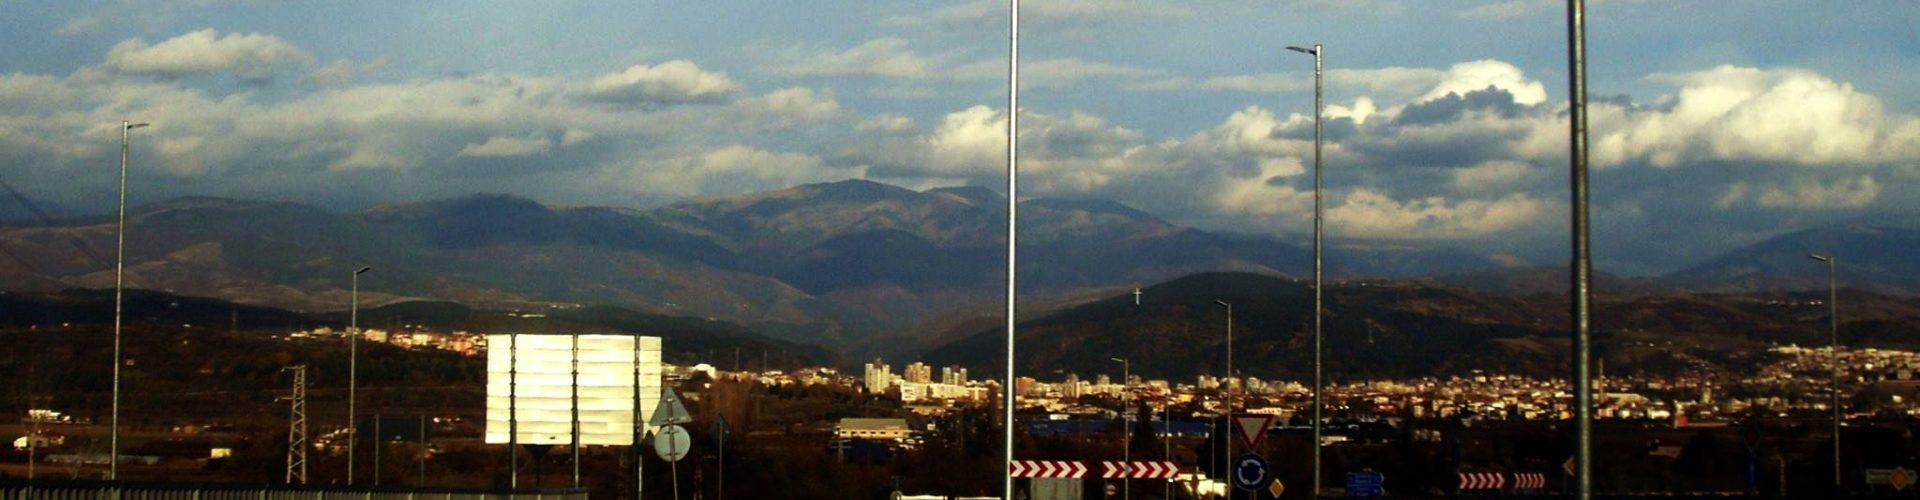 Българският трибагреник на входа на Благоевград